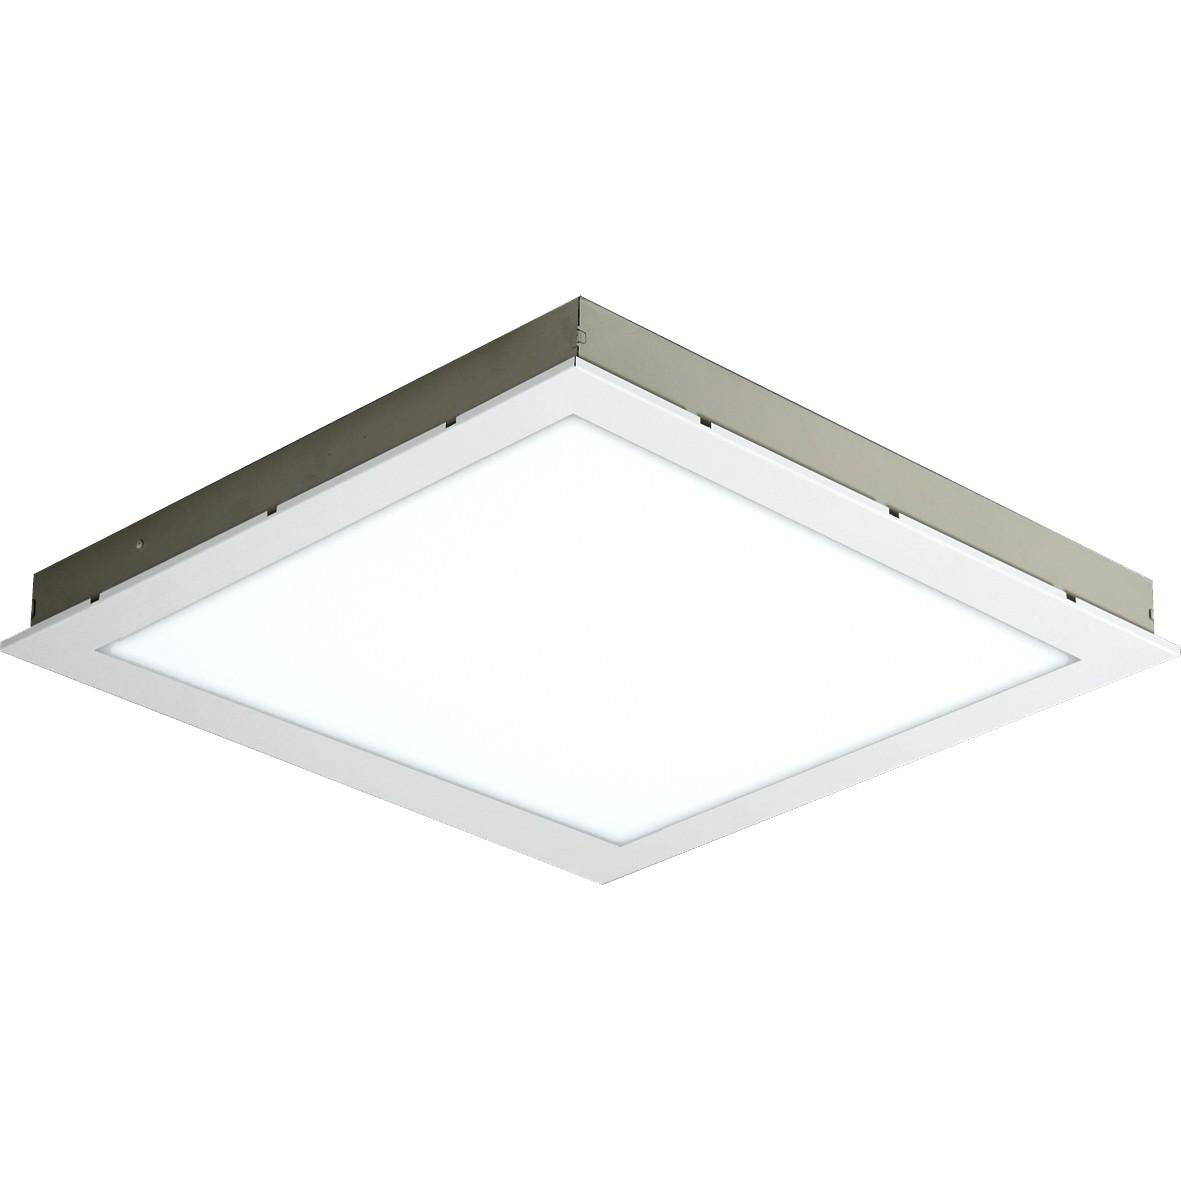 LED stropní panel IdeaLED NG 600x600 25W 4000K